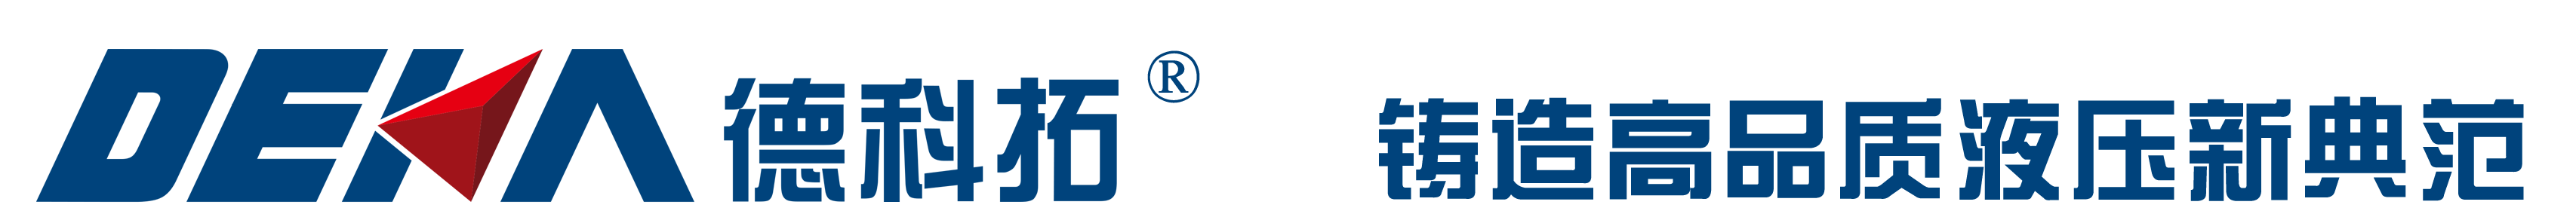 DEKA液压|供应液压阀,调节器,液压泵,回转马达,齿轮泵等挖掘机液压产品